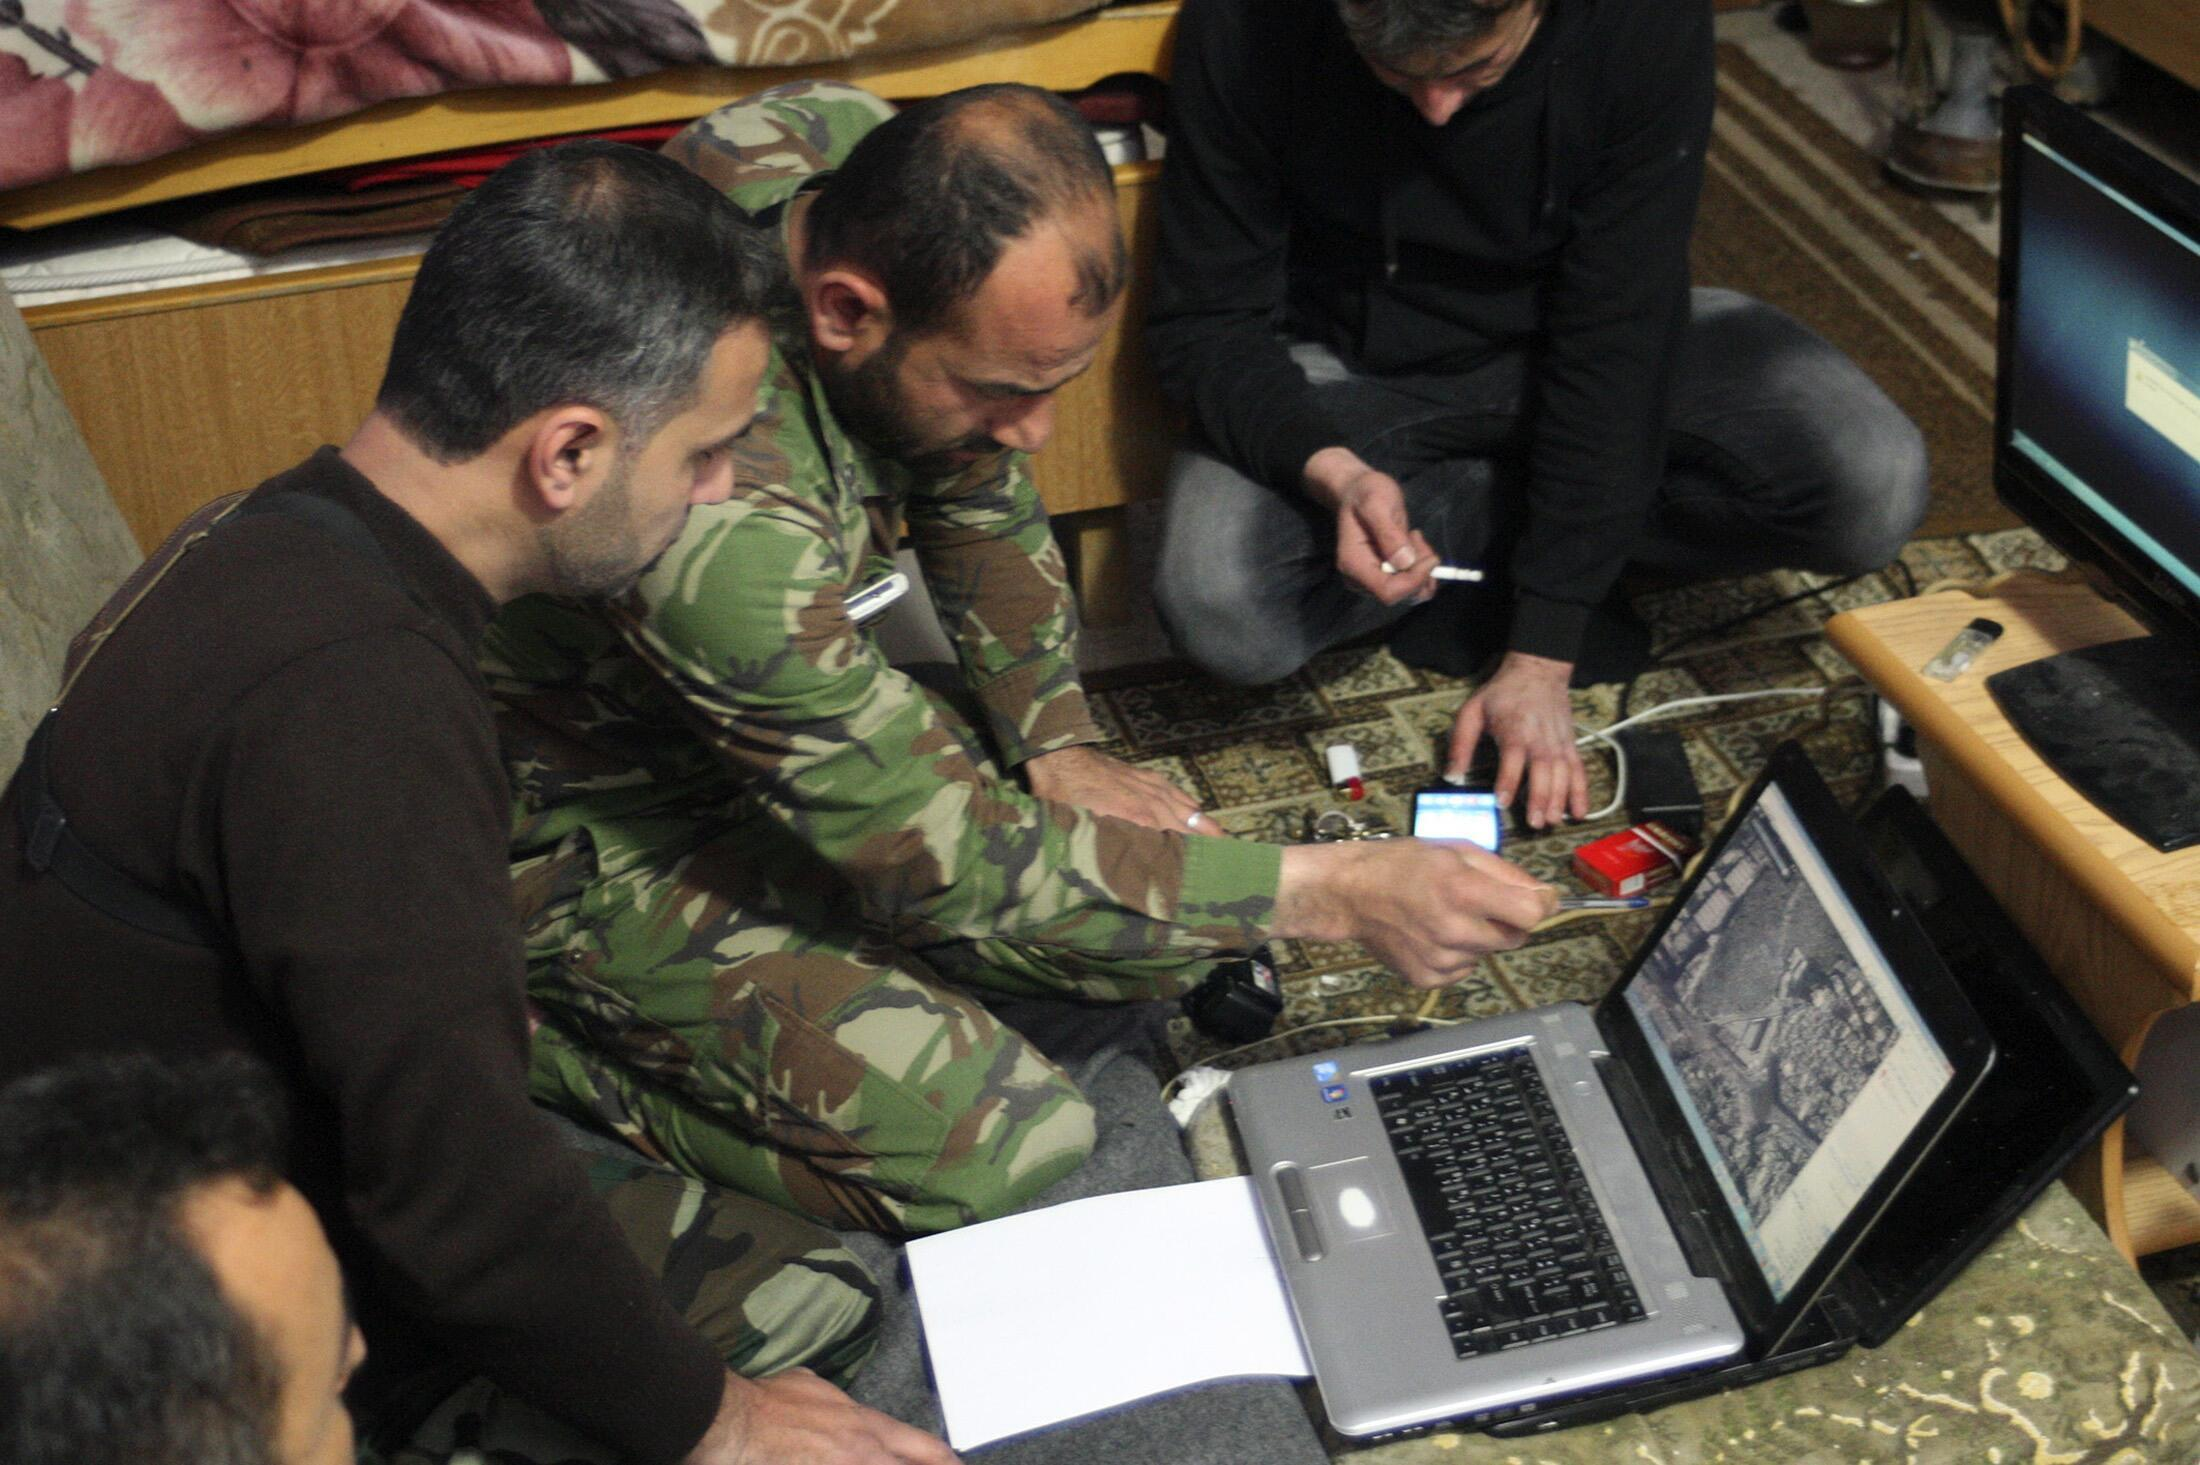 Des soldats de l'Armée syrienne libre étudient une carte sur un ordinateur, à Alep. Une société française est accusée d'avoir fournit du matériel de surveillance informatique au régime de Bachar el-Assad.